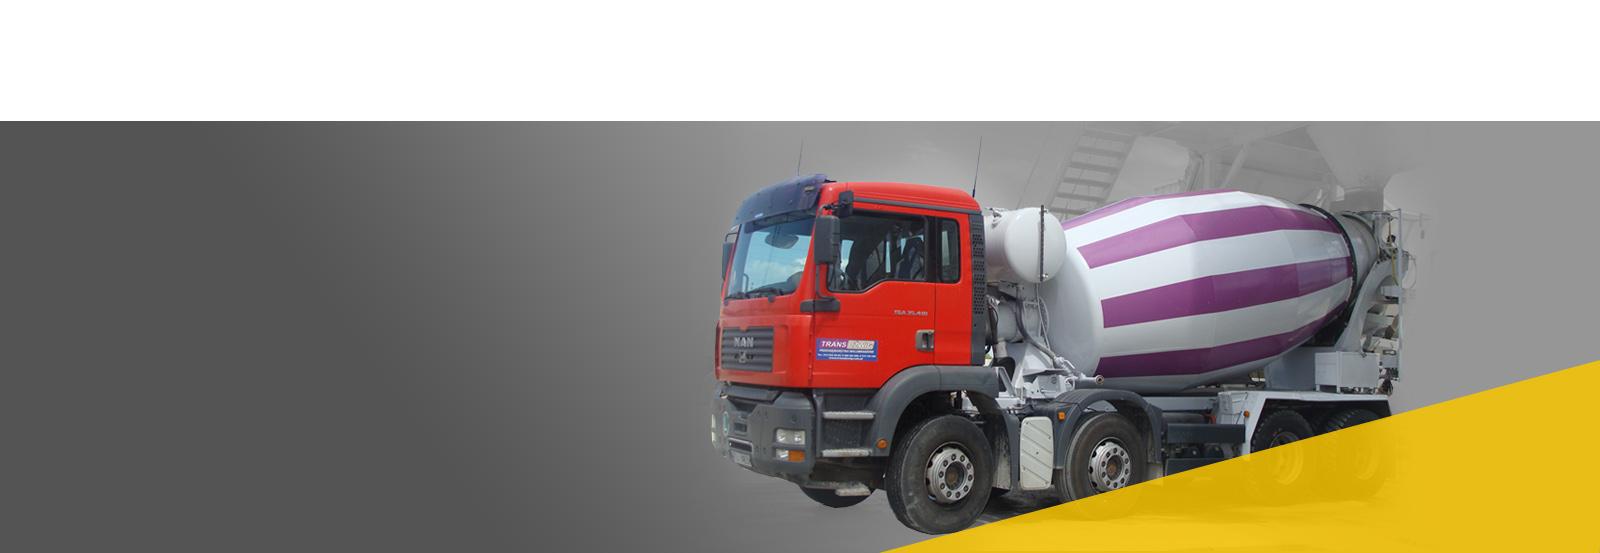 Transdźwig Największy producent betonu w regionie. <br/>Wysoka jakość potwierdzona <br/>na wielu budowach.